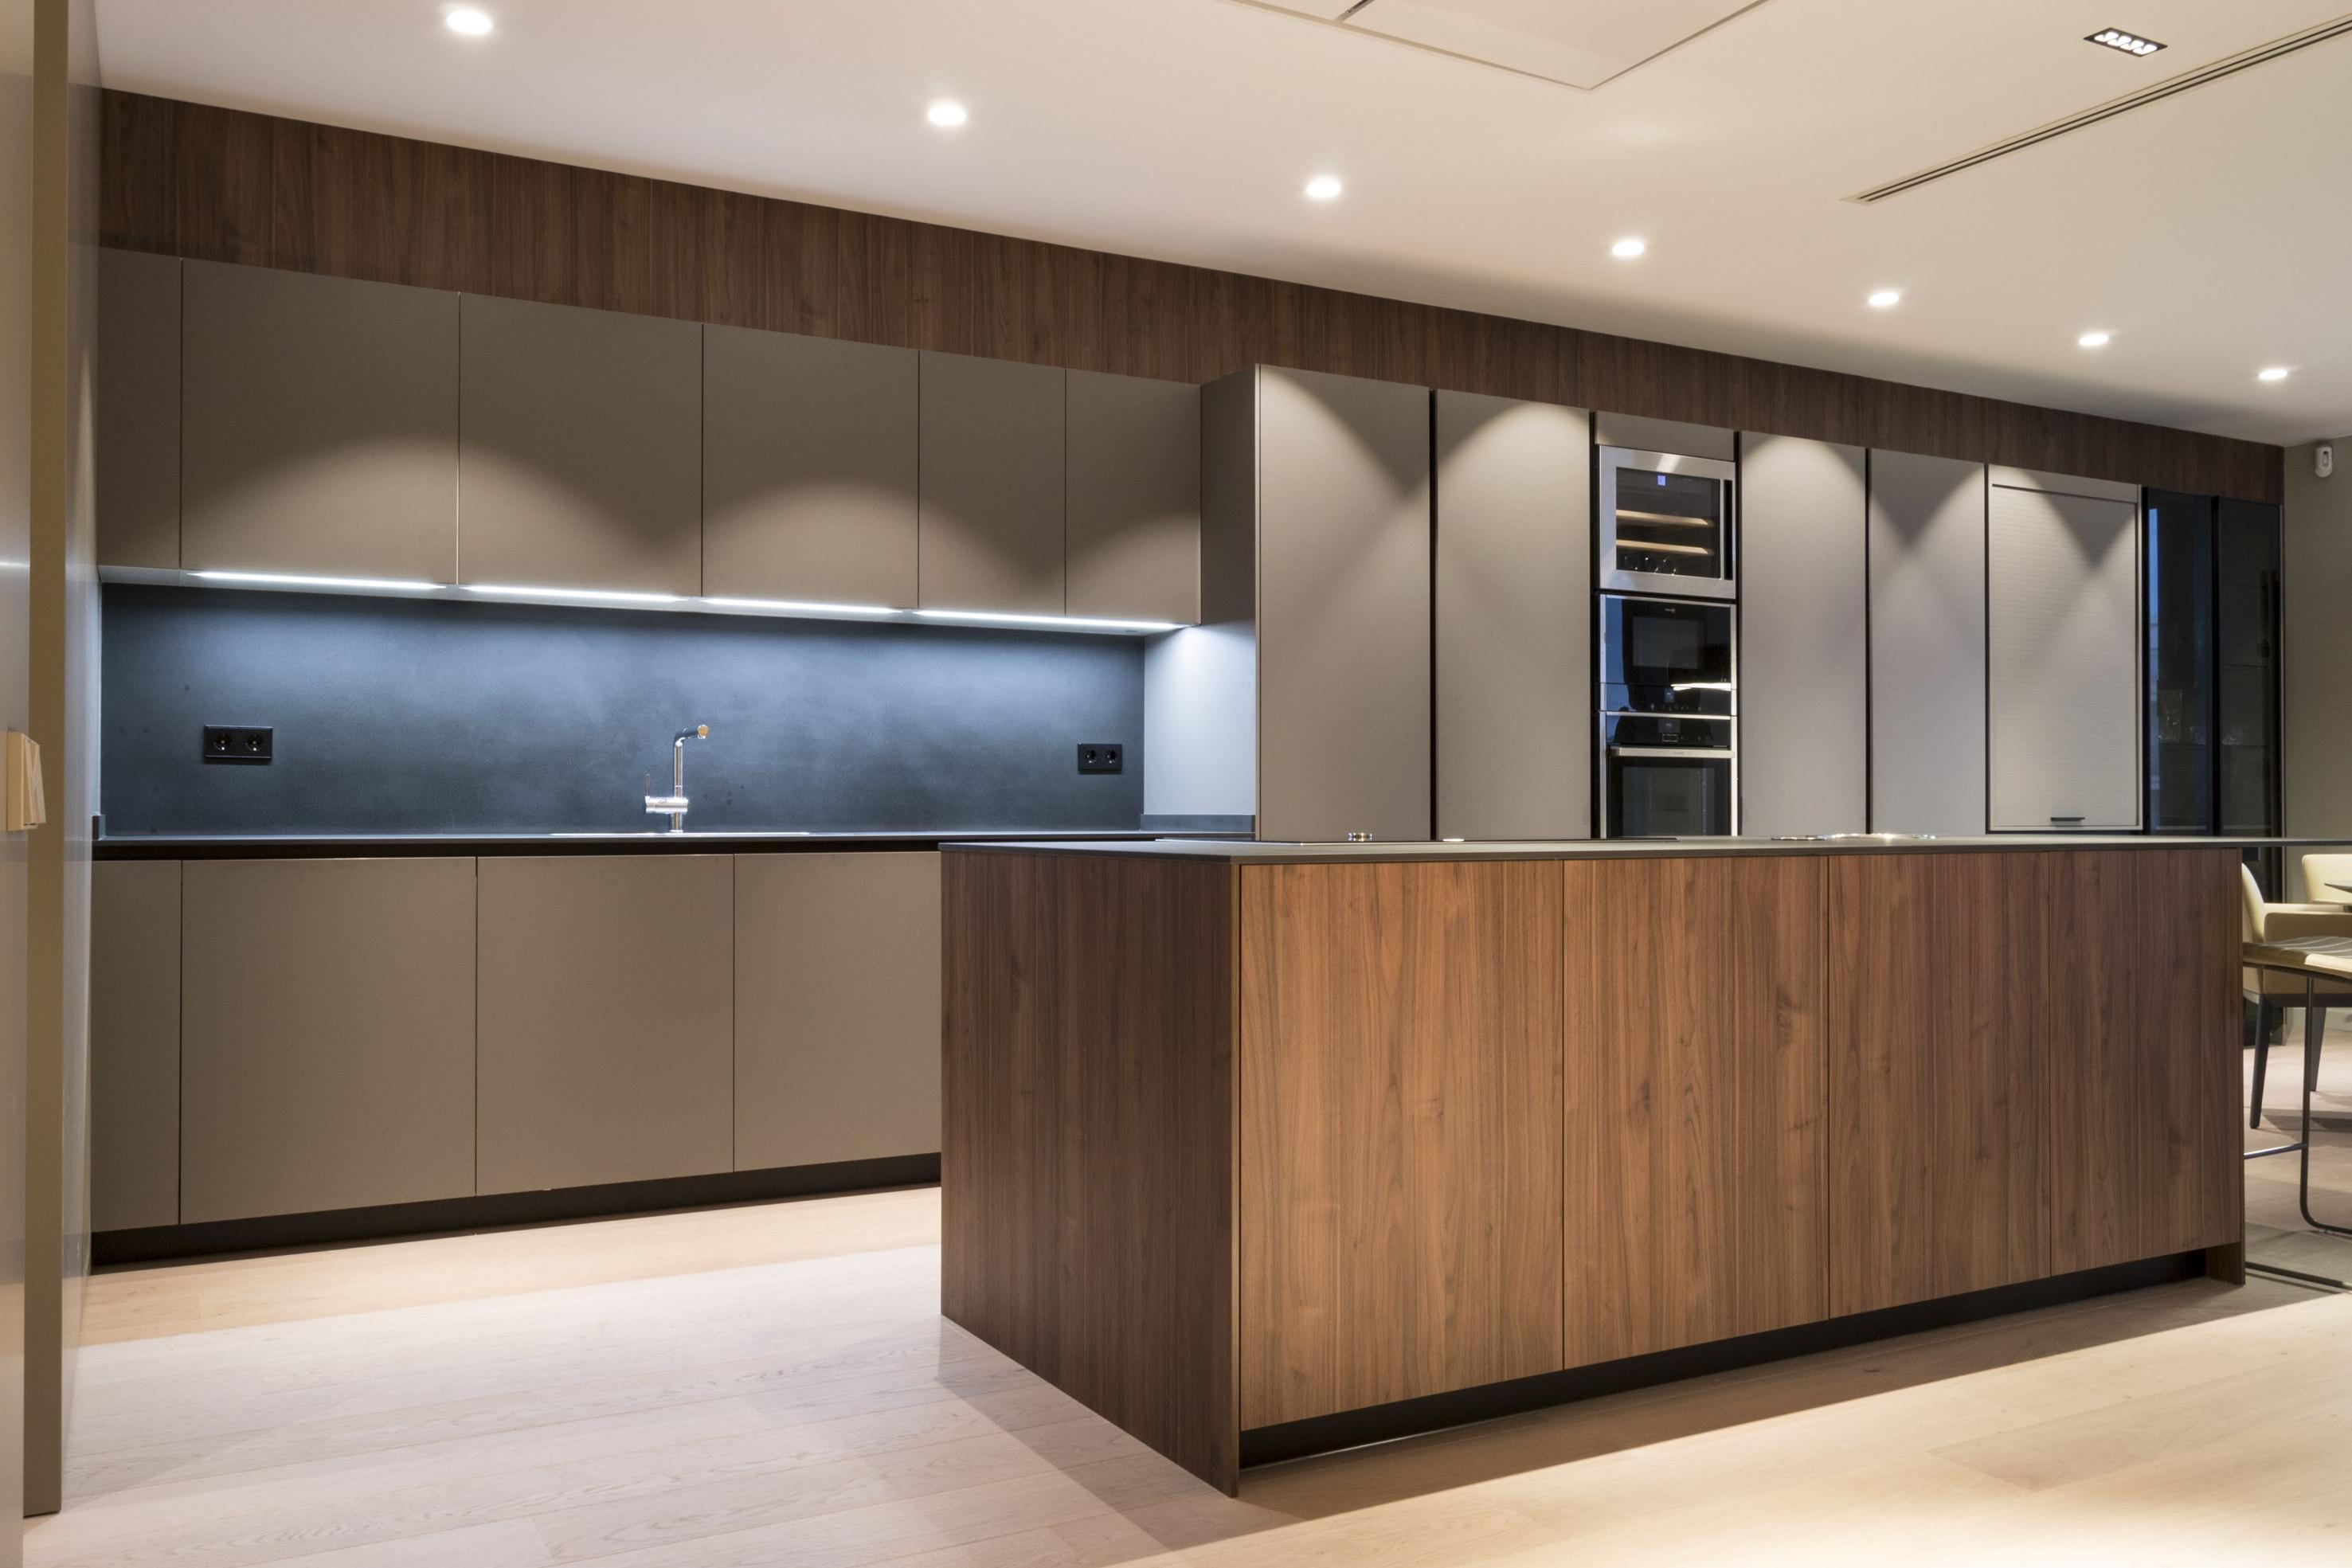 Muebles Gran Via S5d8 Proyecto En Gran Via Cocina Edor Con isla Central Y Extractor